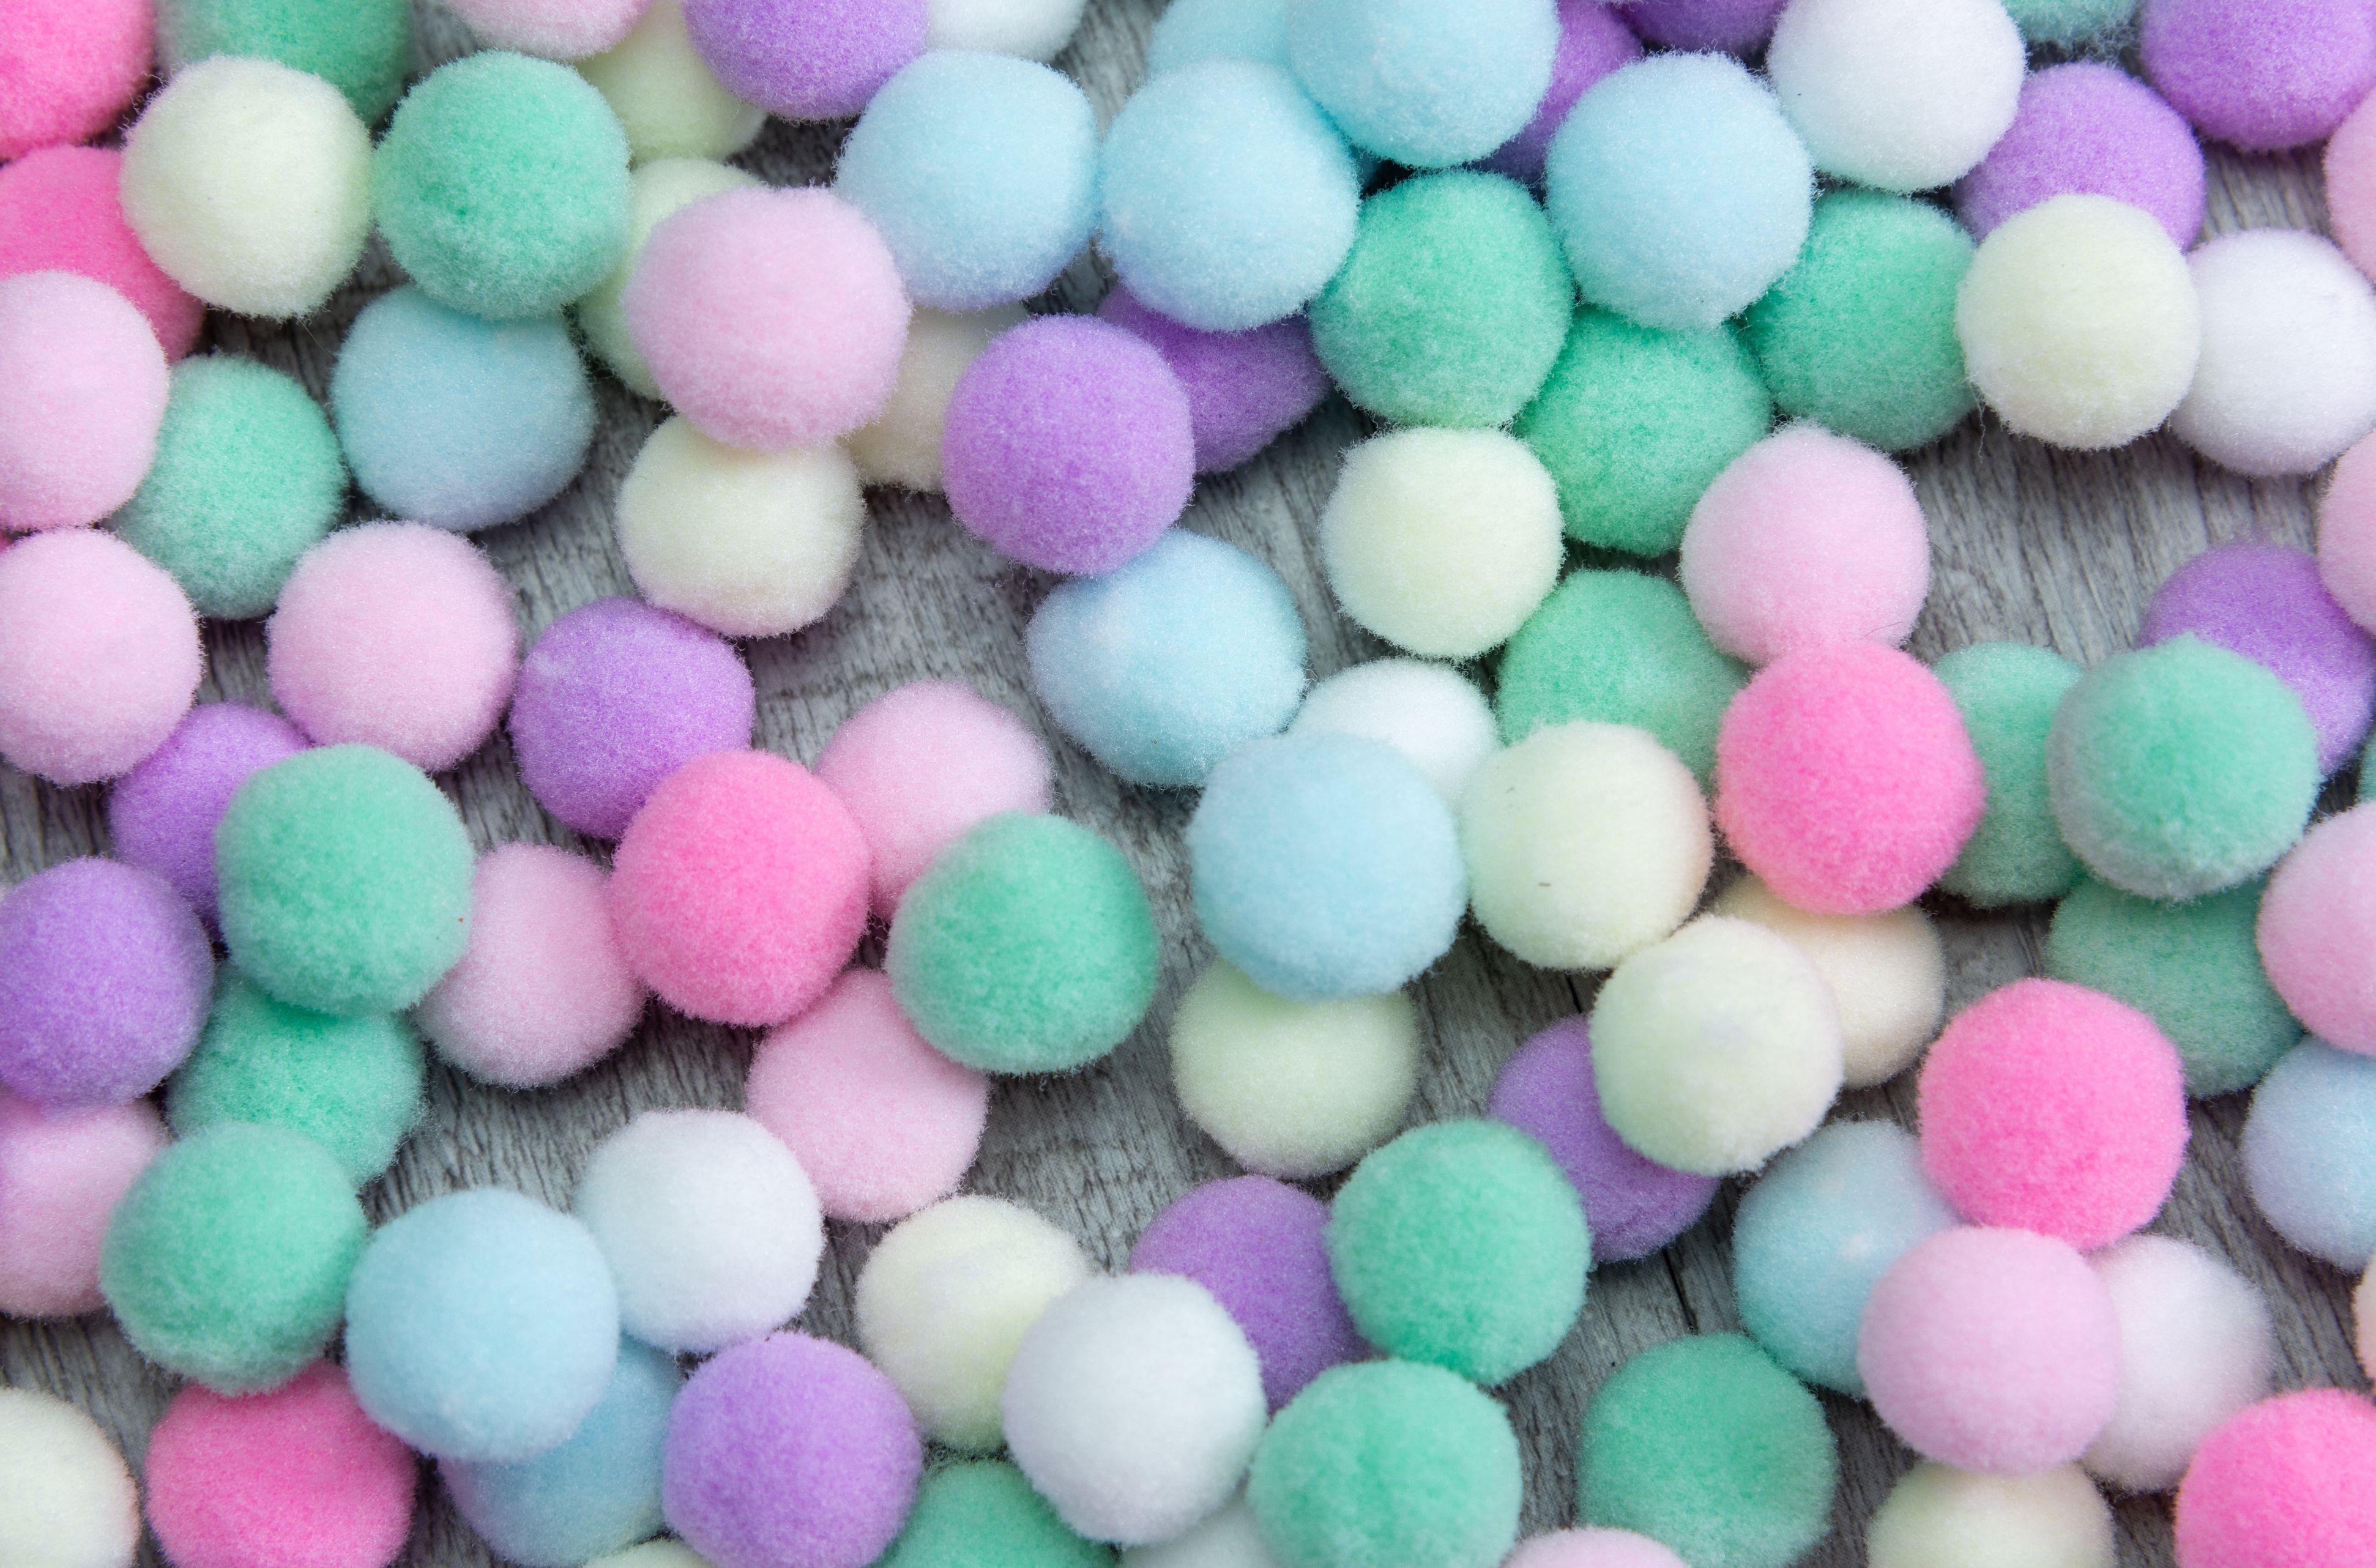 A sweet colorful Pom Pom background